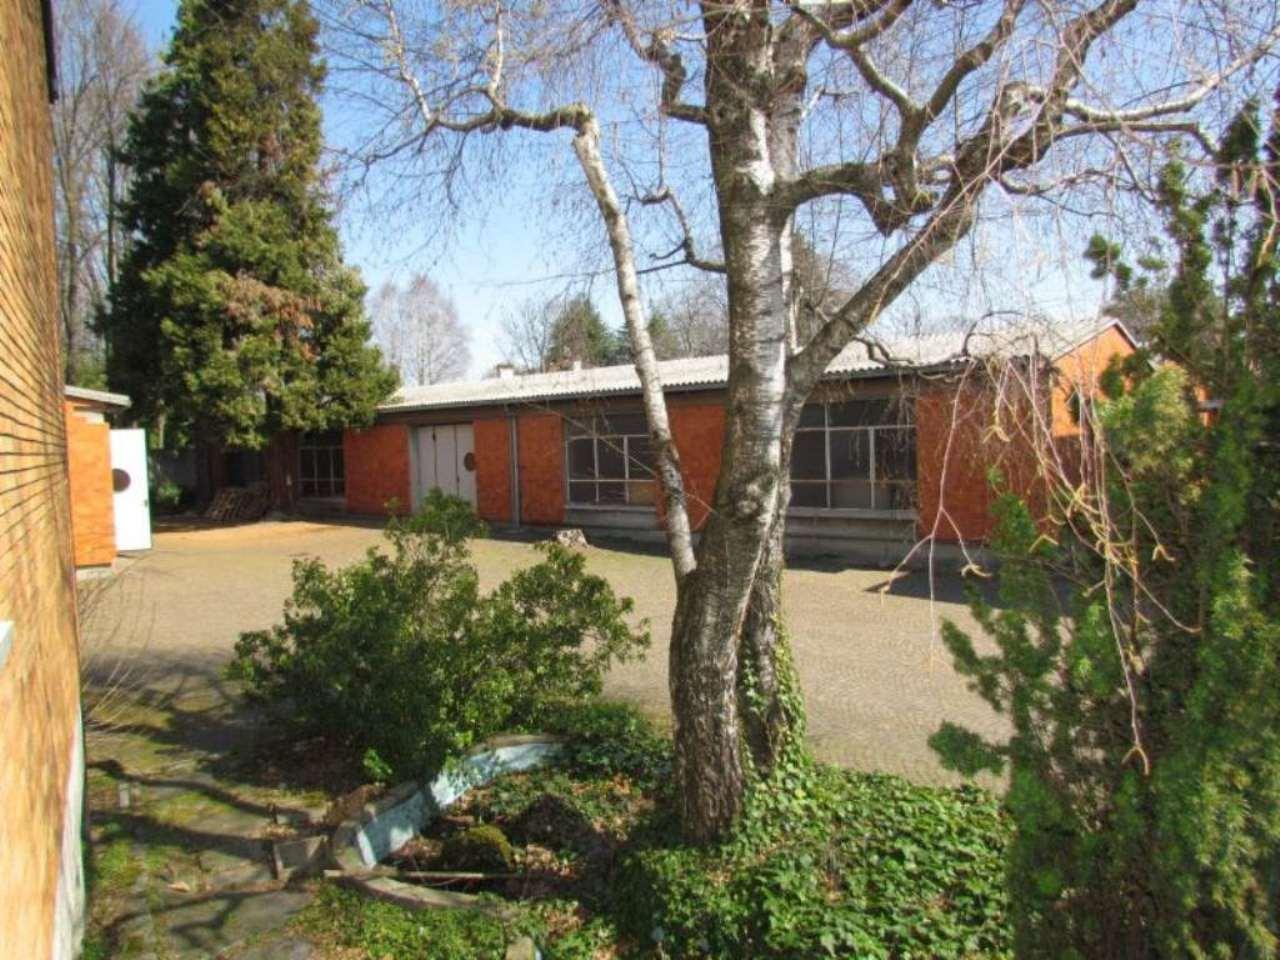 Laboratorio in vendita a Vedano Olona, 2 locali, prezzo € 430.000 | Cambio Casa.it